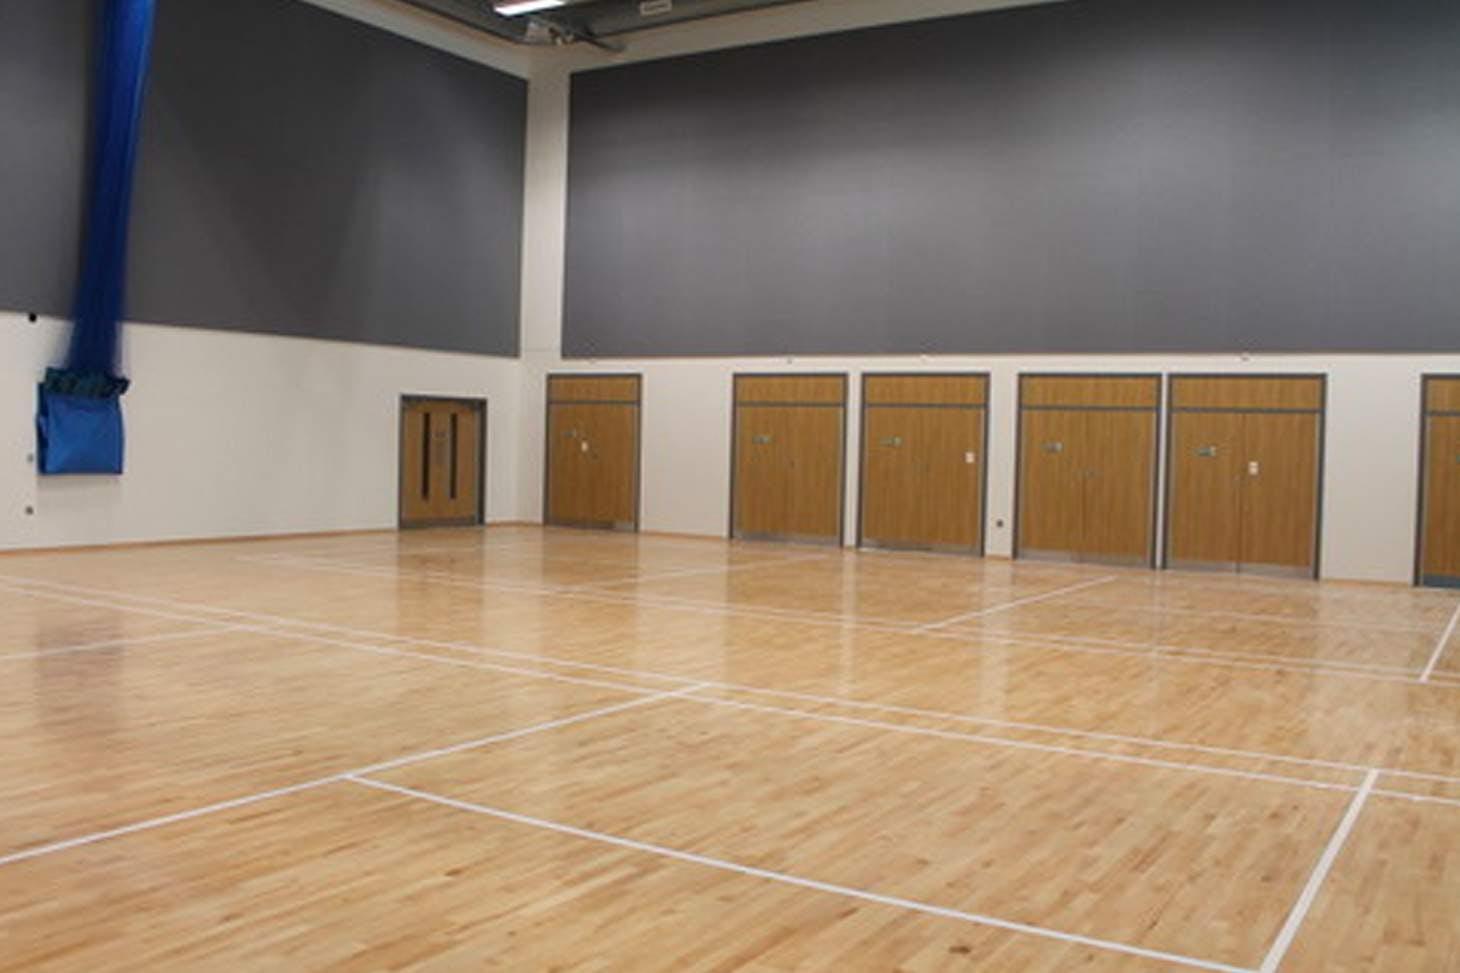 Oaklands School Indoor badminton court